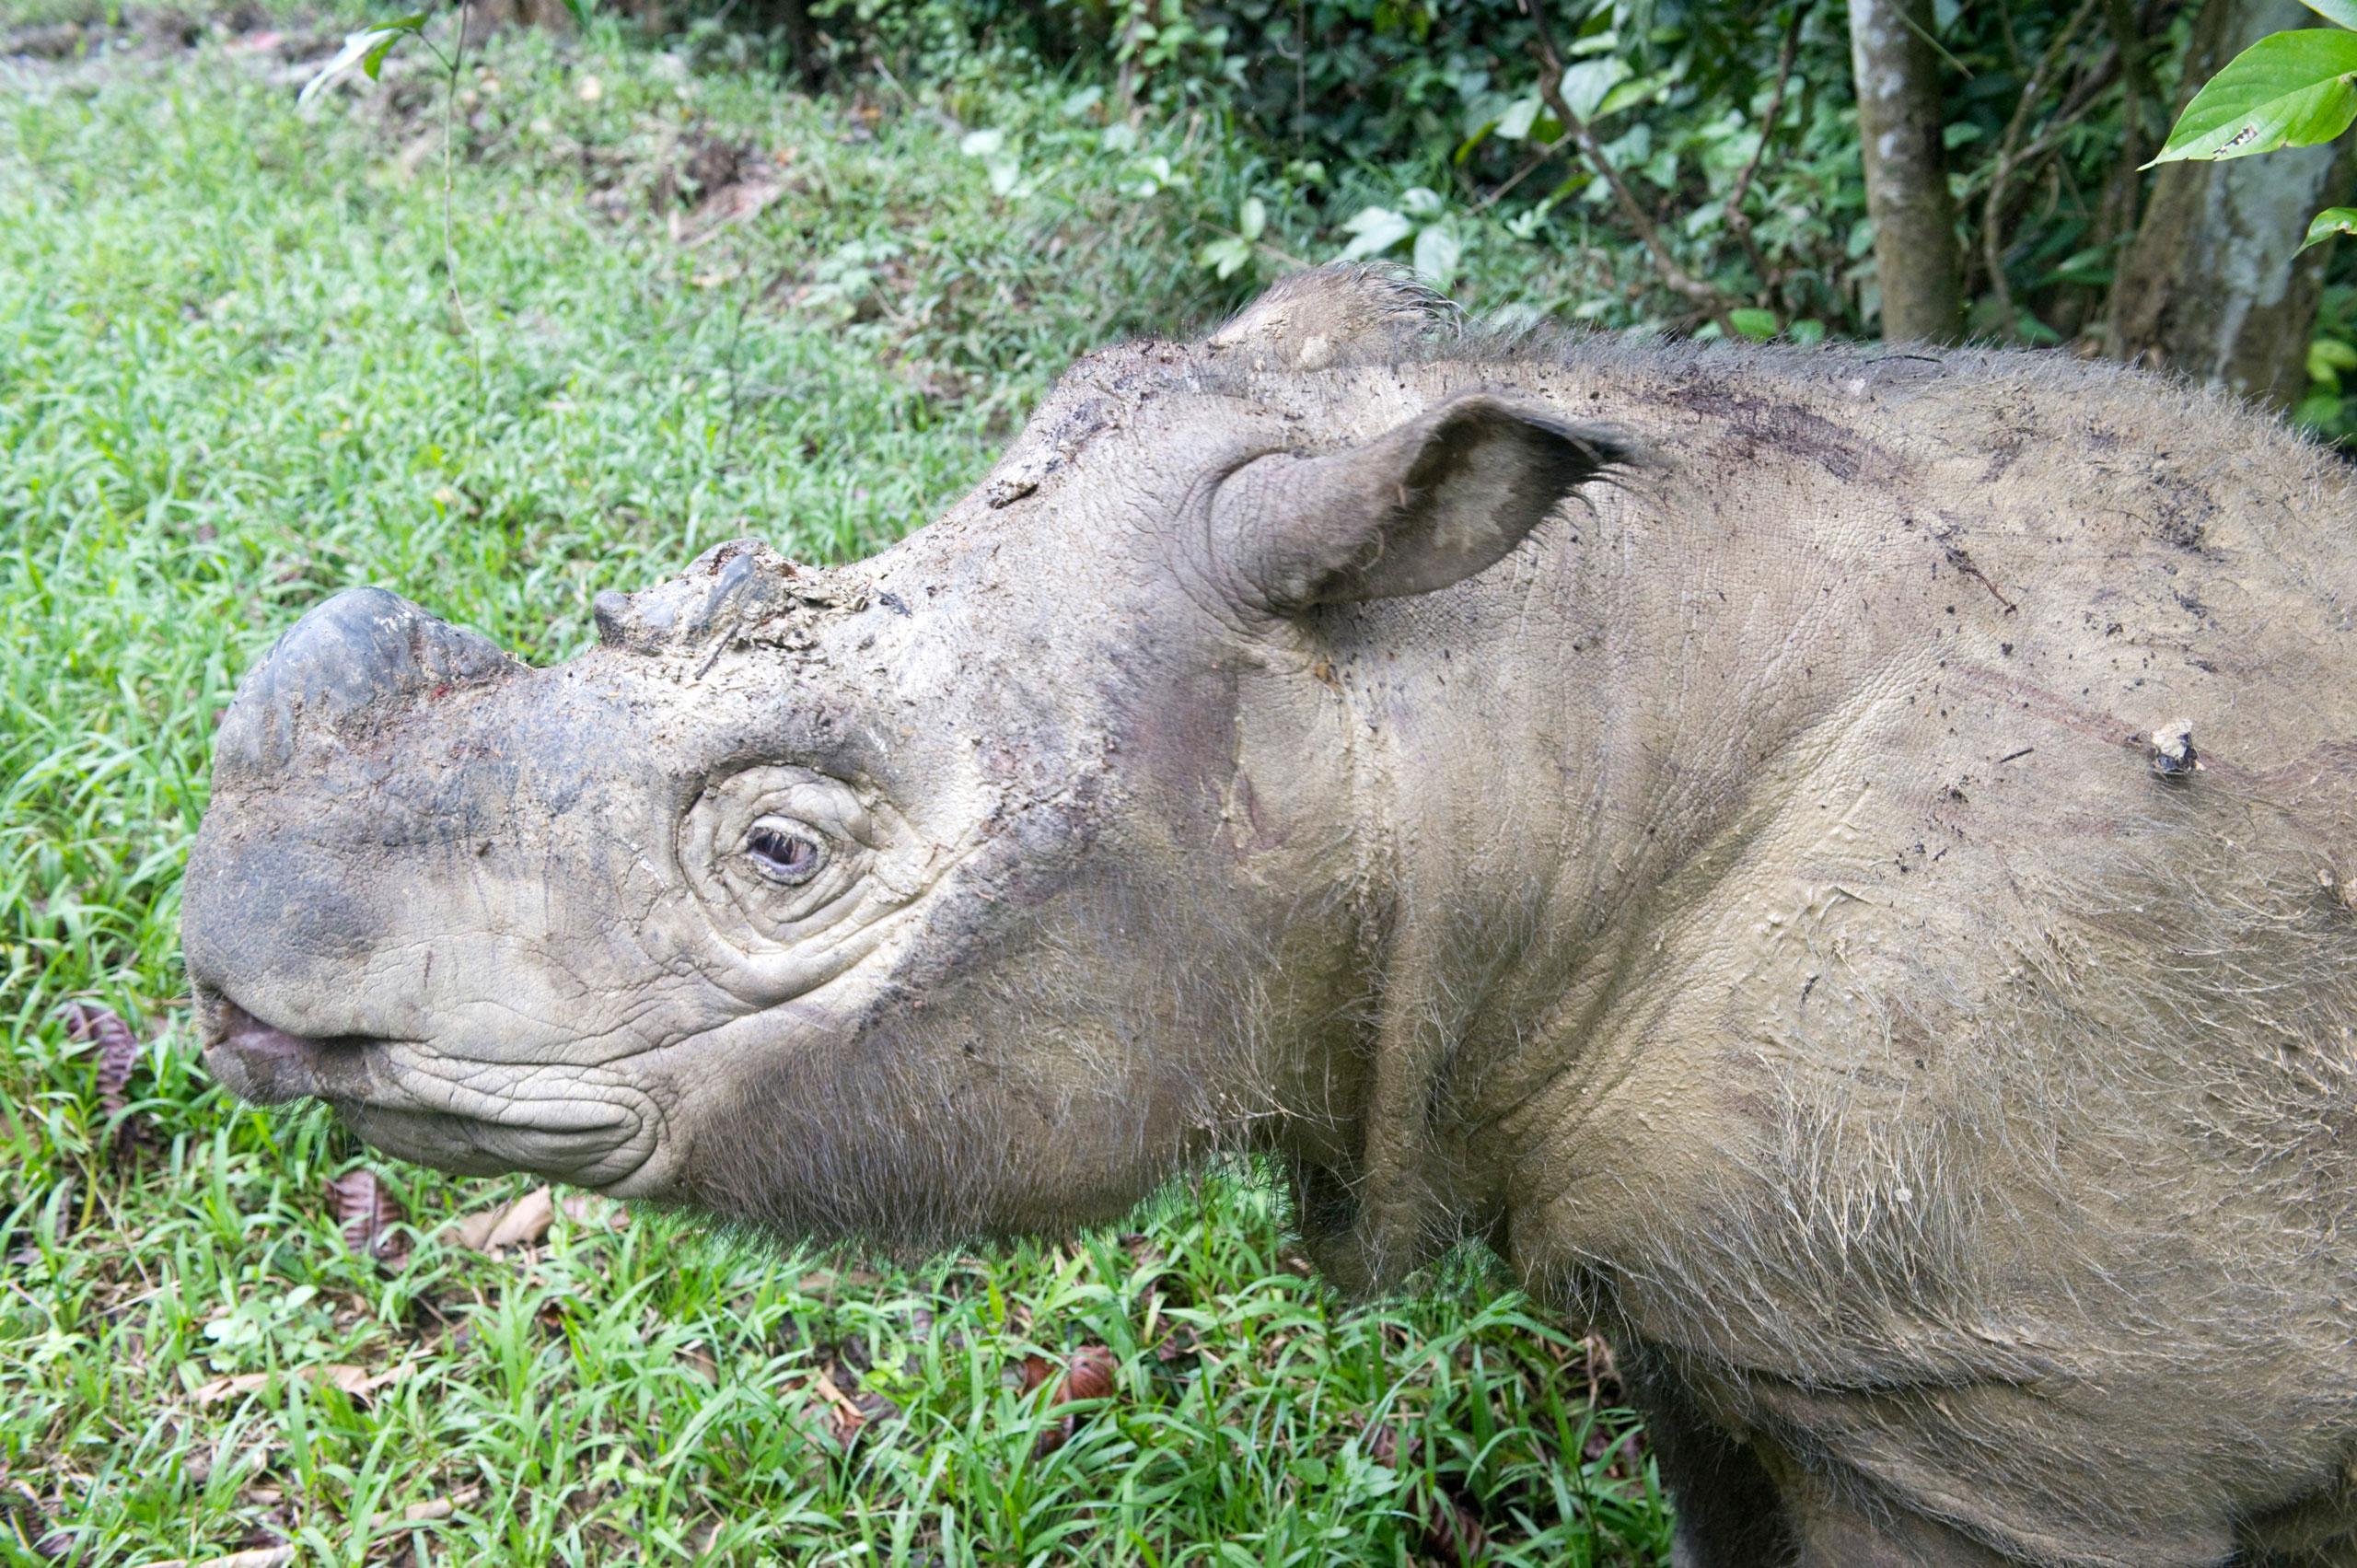 A male Sumatran rhino (Borneo rhino) pictured in Malaysia, in a file photo dating Feb. 2012.